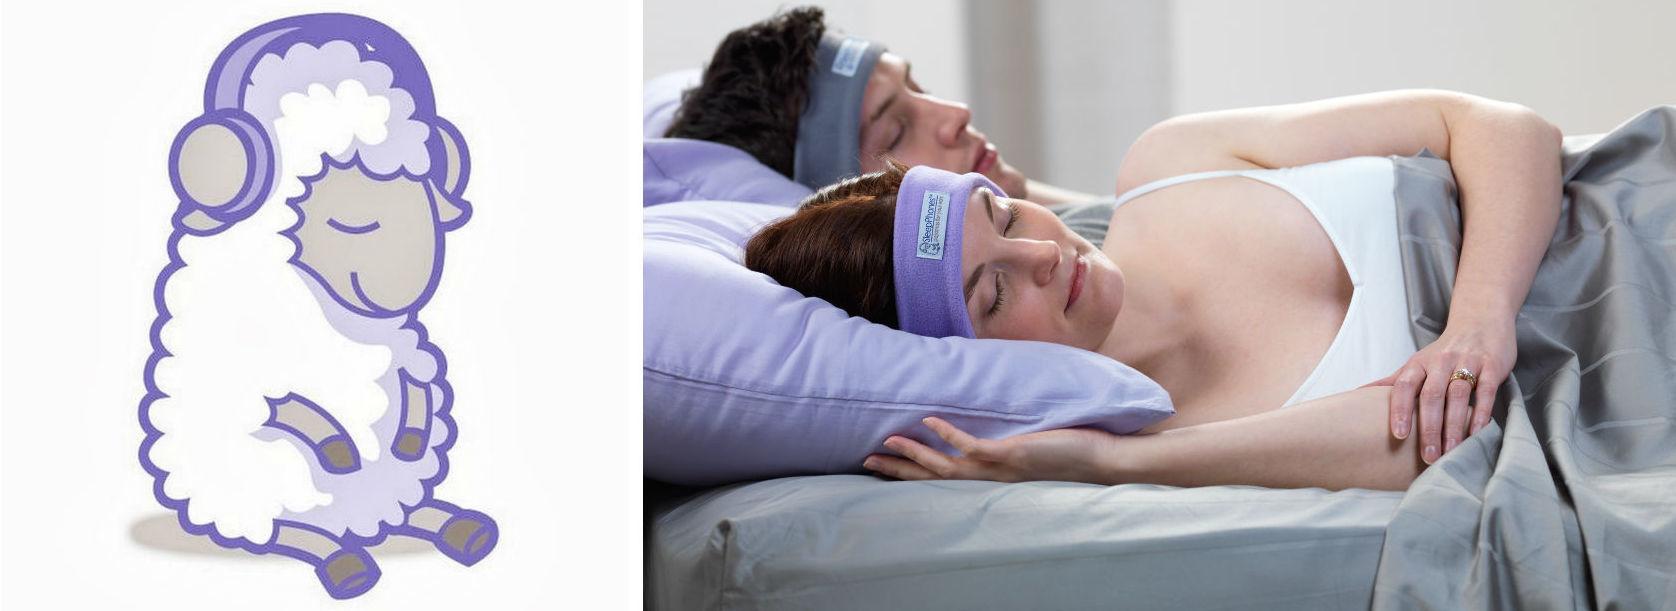 Как современные технологии обеспечивают здоровый сон: подборка гаджетов для улучшения качества сна - 9